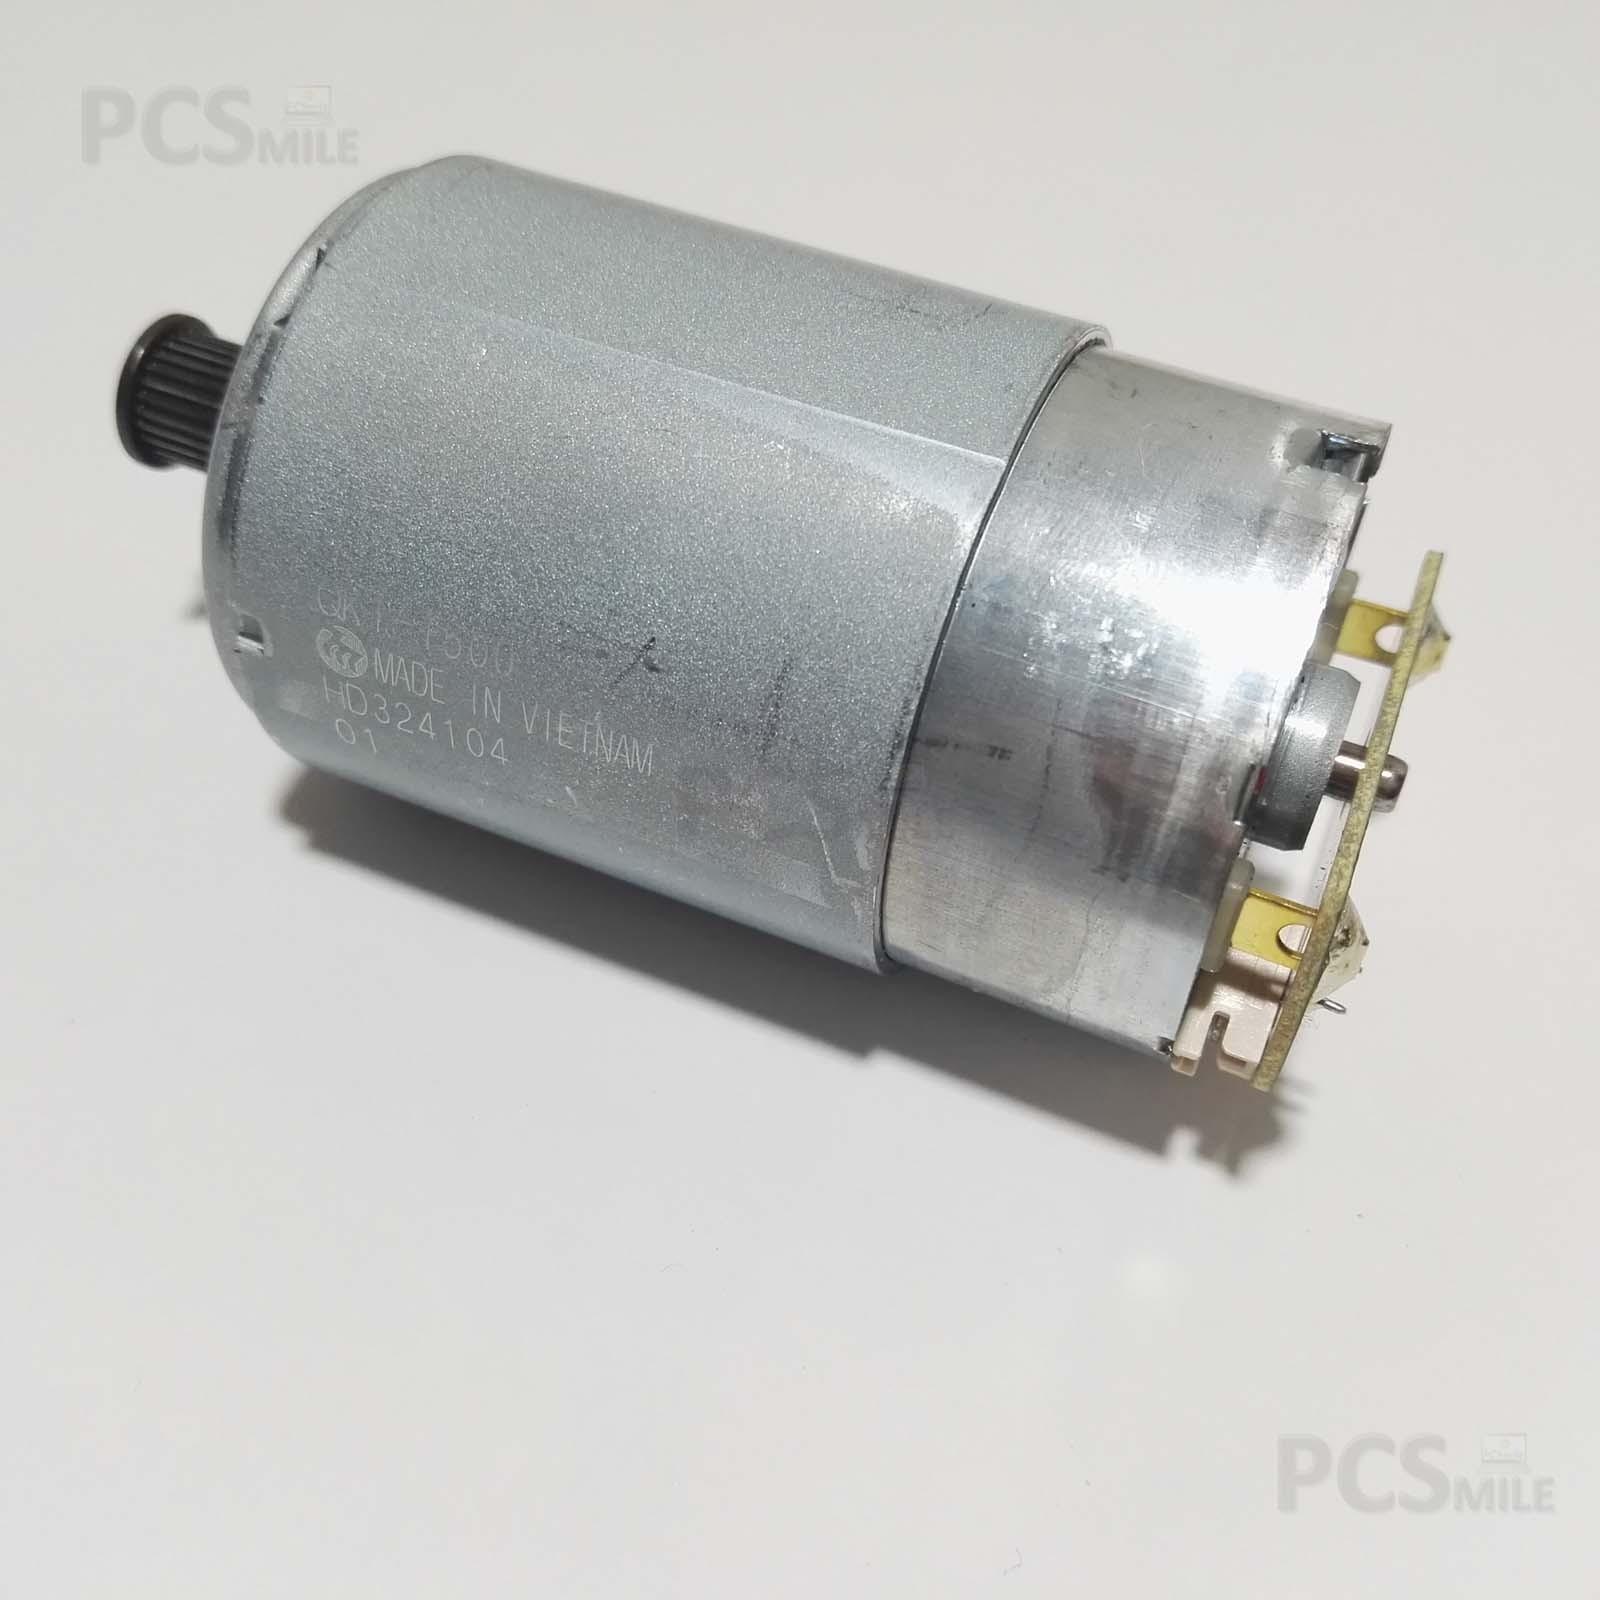 Motorino di stampa Canon Pixma QK1-1500 HD324104 motore DC motor